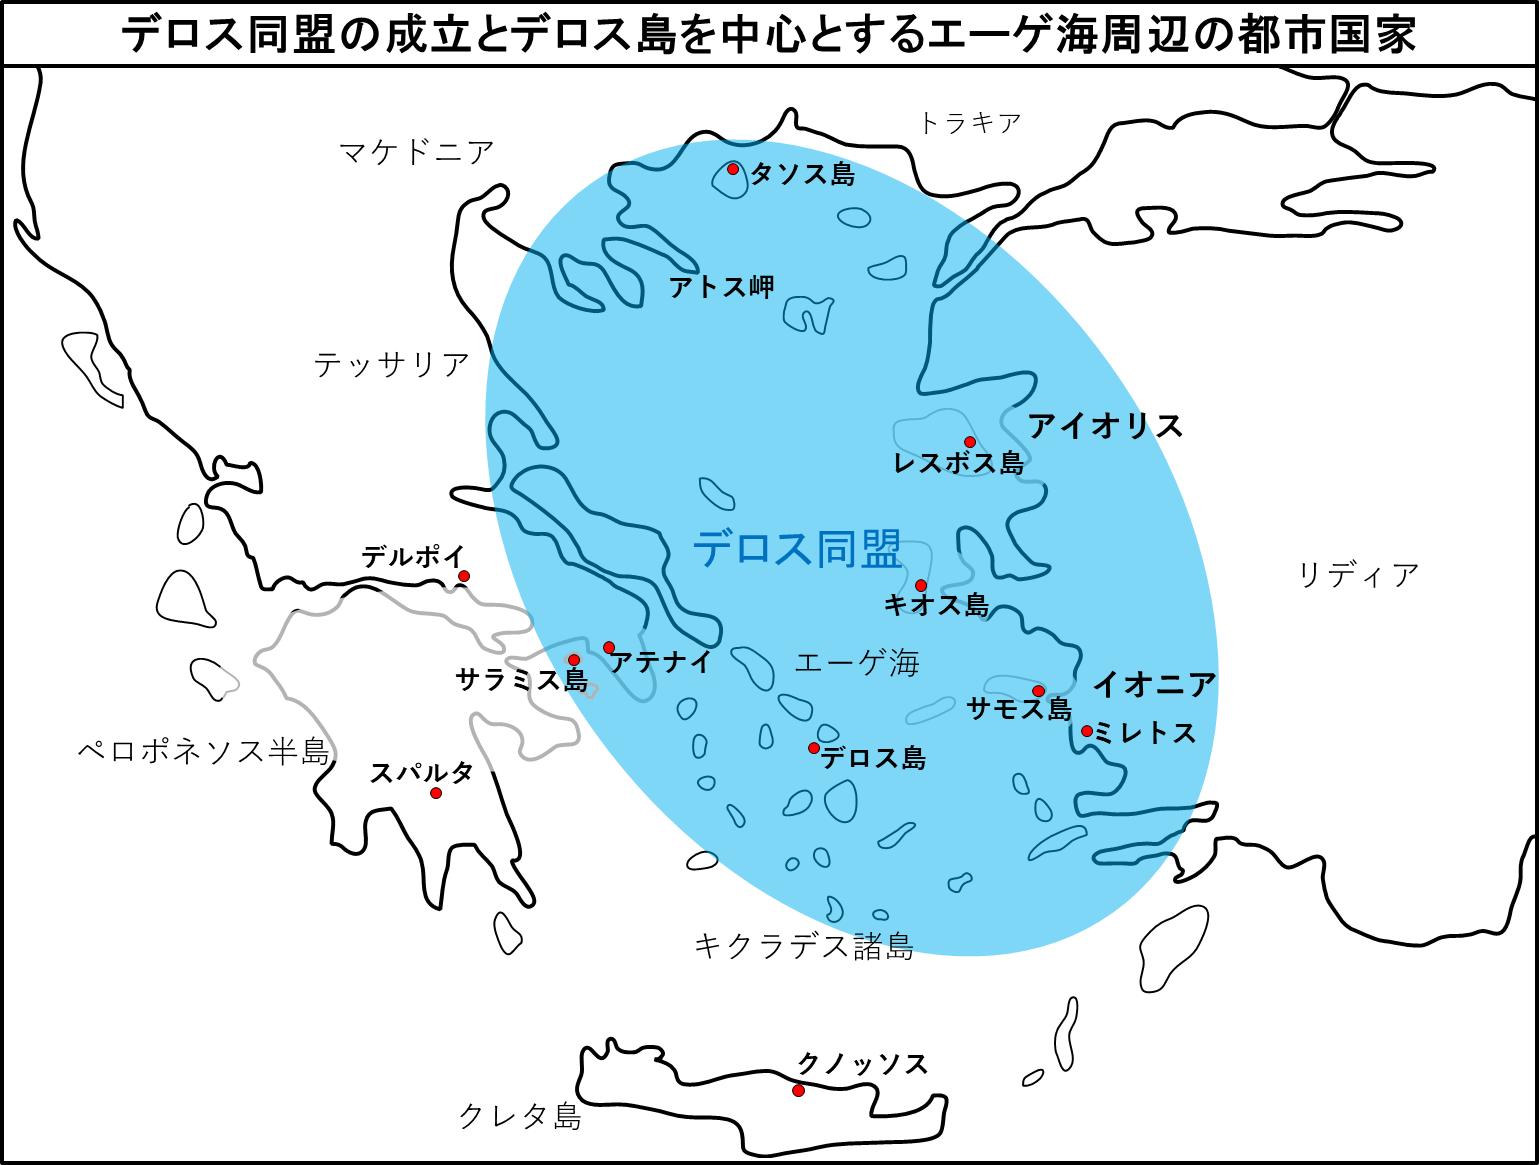 デロス同盟の成立とデロス島を中心とするエーゲ海周辺の都市国家